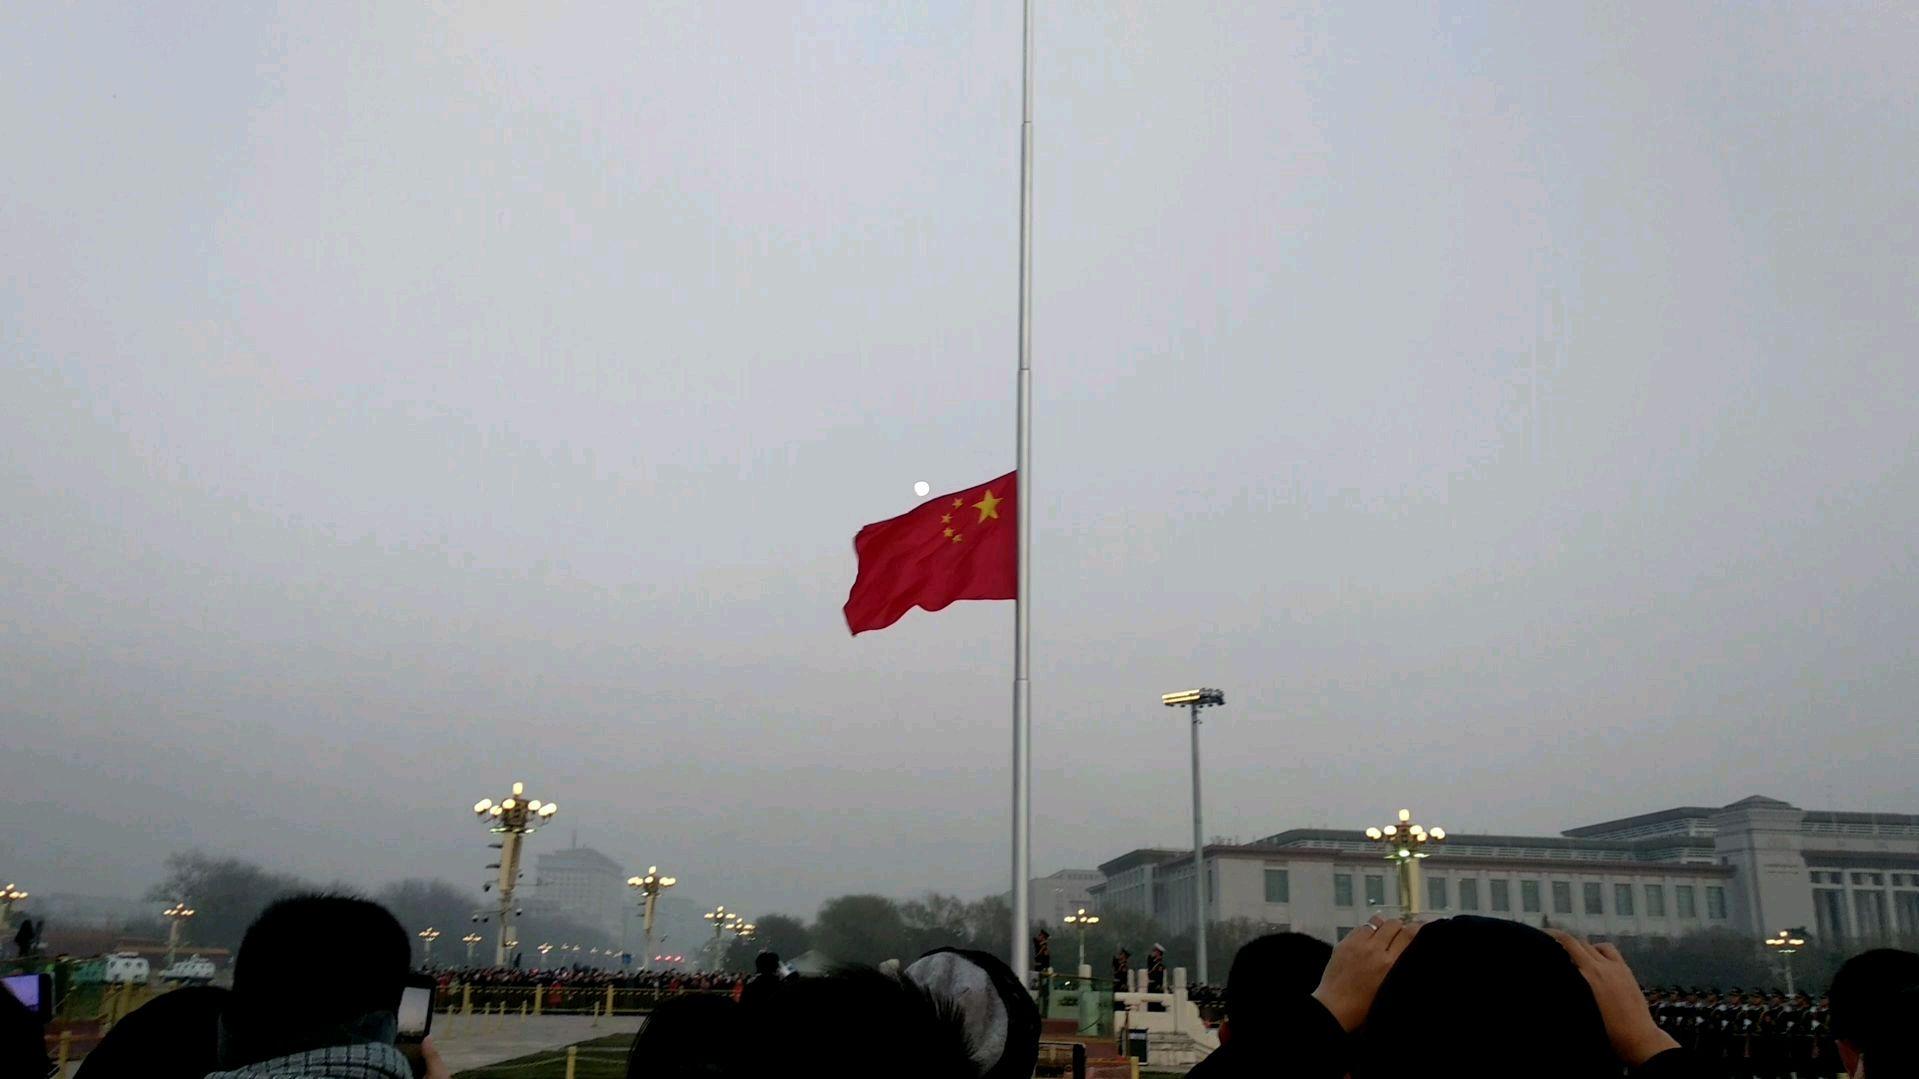 2019年12月9日16时47分,天安门广场降旗仪式,太震撼了!